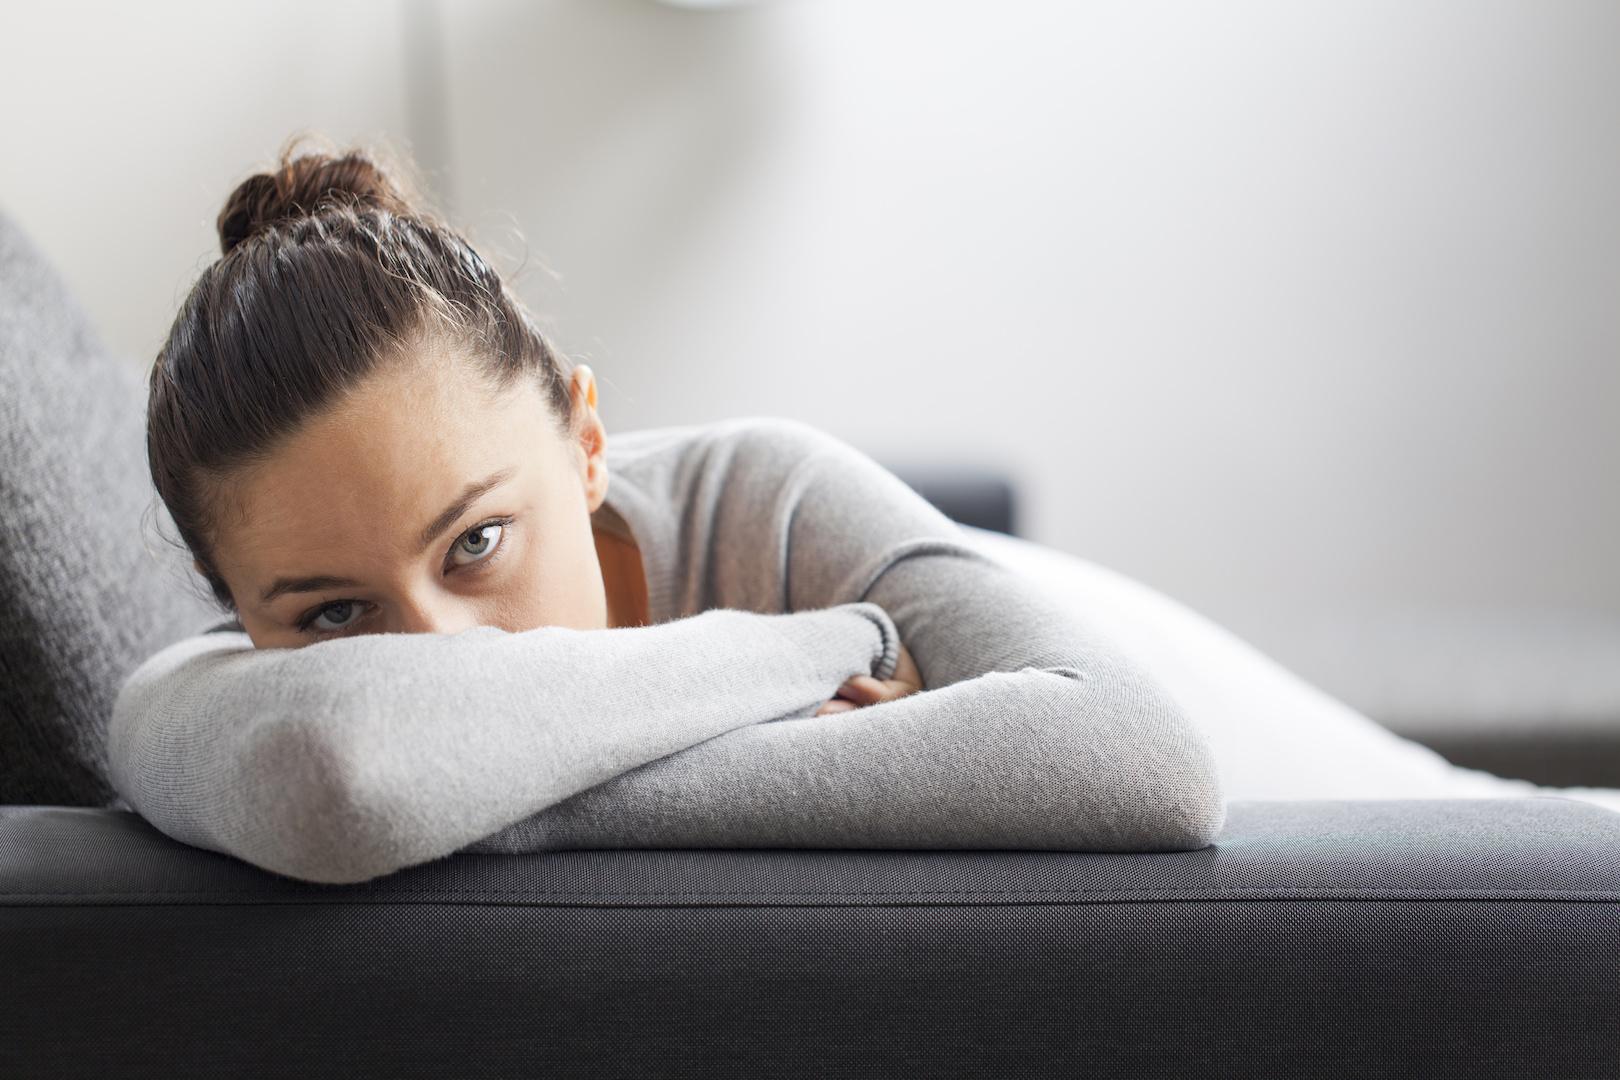 stress-induced hair loss